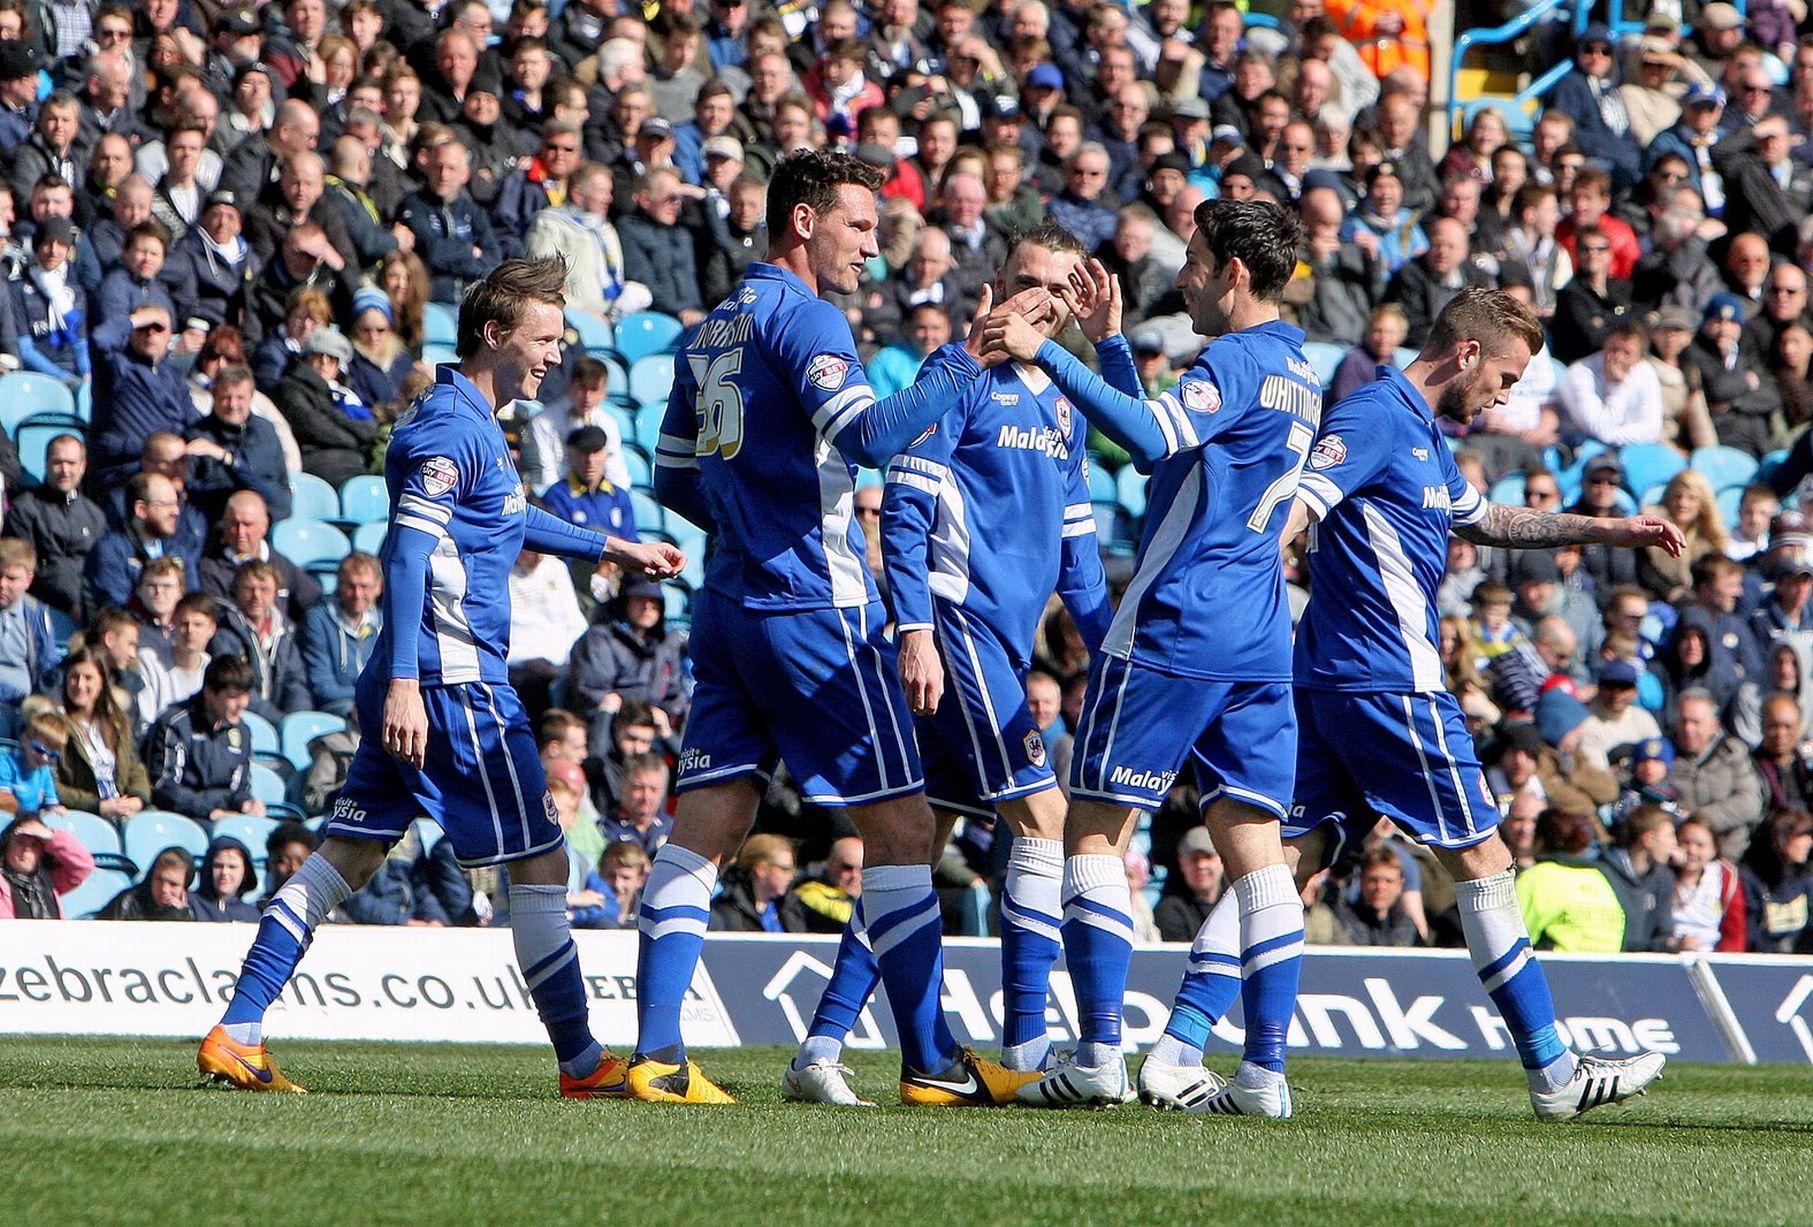 Premier League, Wolves-Cardiff sabato 2 marzo: analisi e pronostico della 29ma giornata del campionato inglese